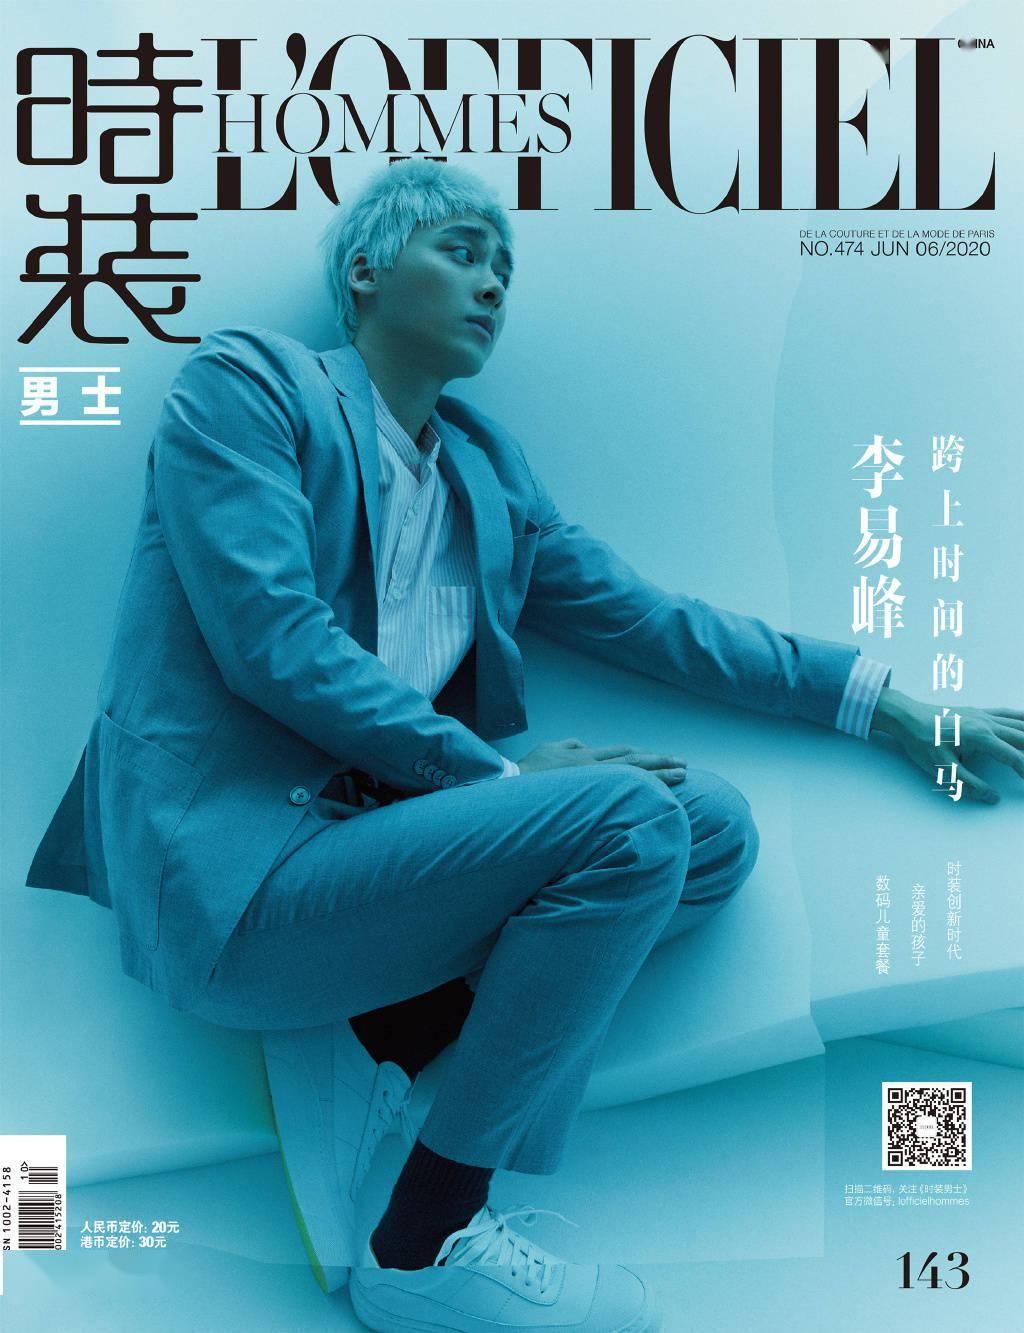 李易峰《时装男士》6月封面公开 以全新姿态展现时尚魅力_偶像